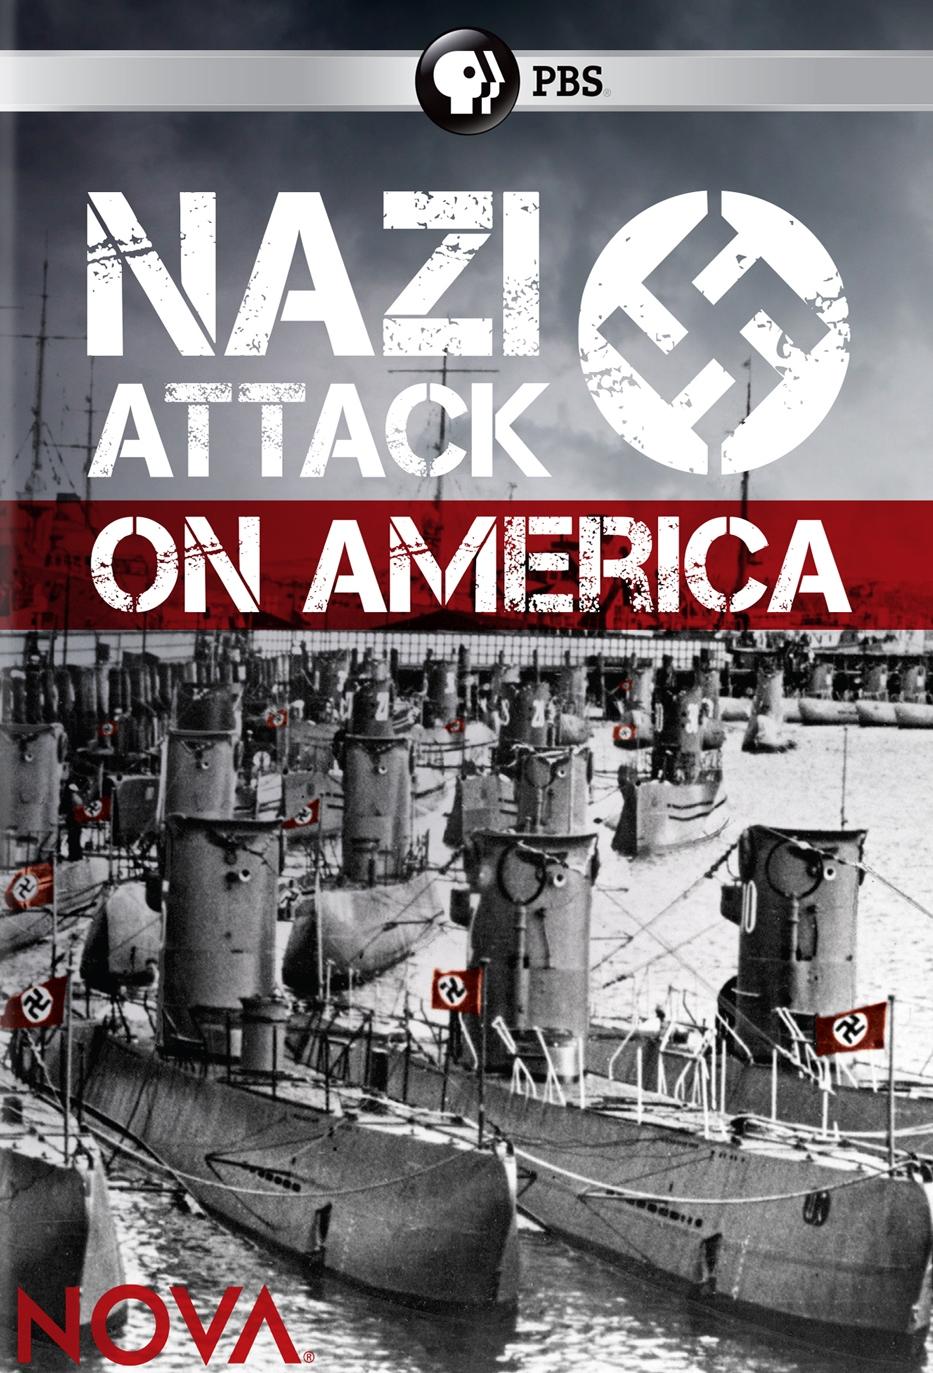 Nova: Nazi Attack on America